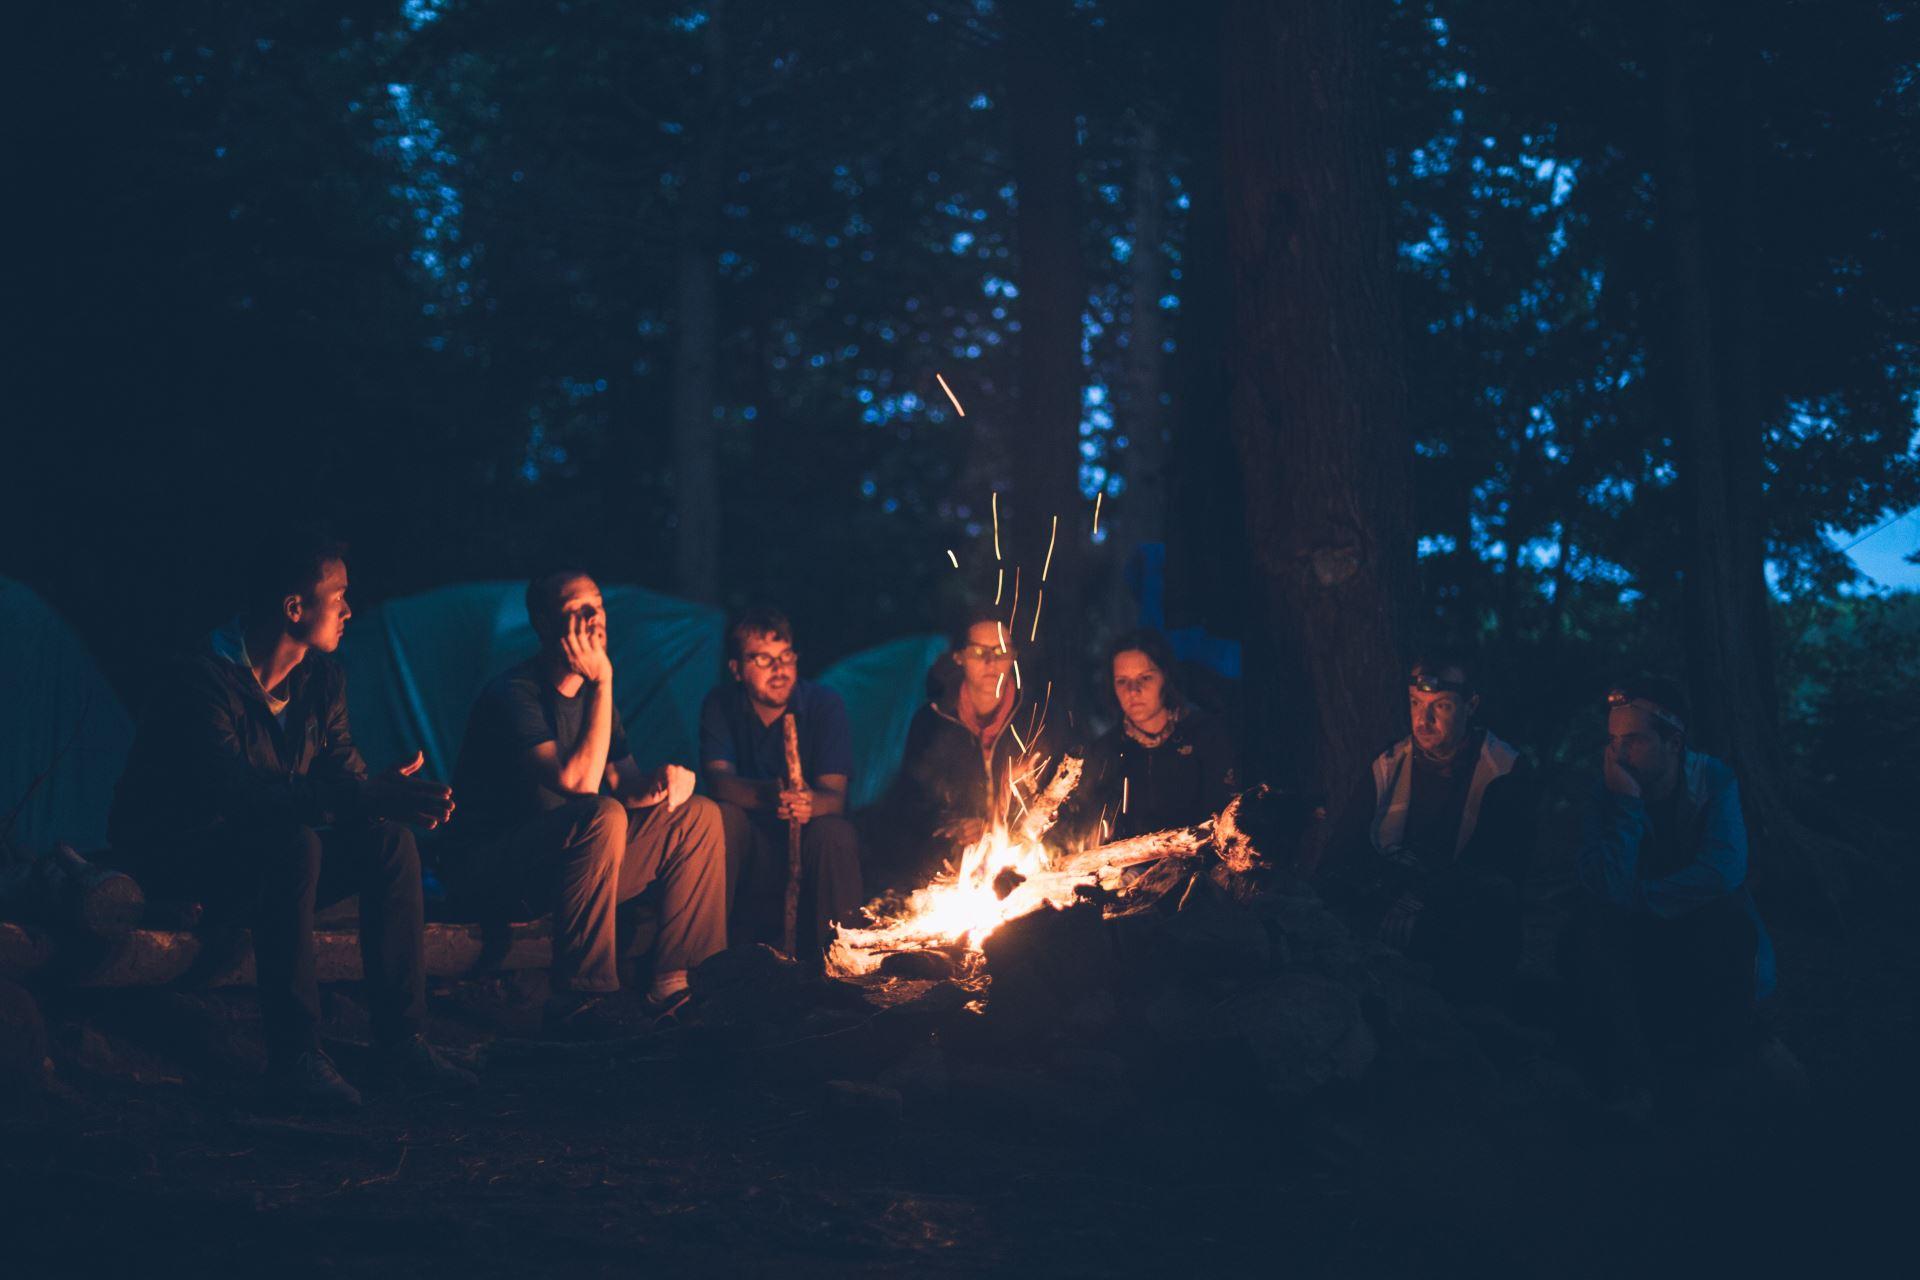 Menschen sitzen am Lagerfeuer